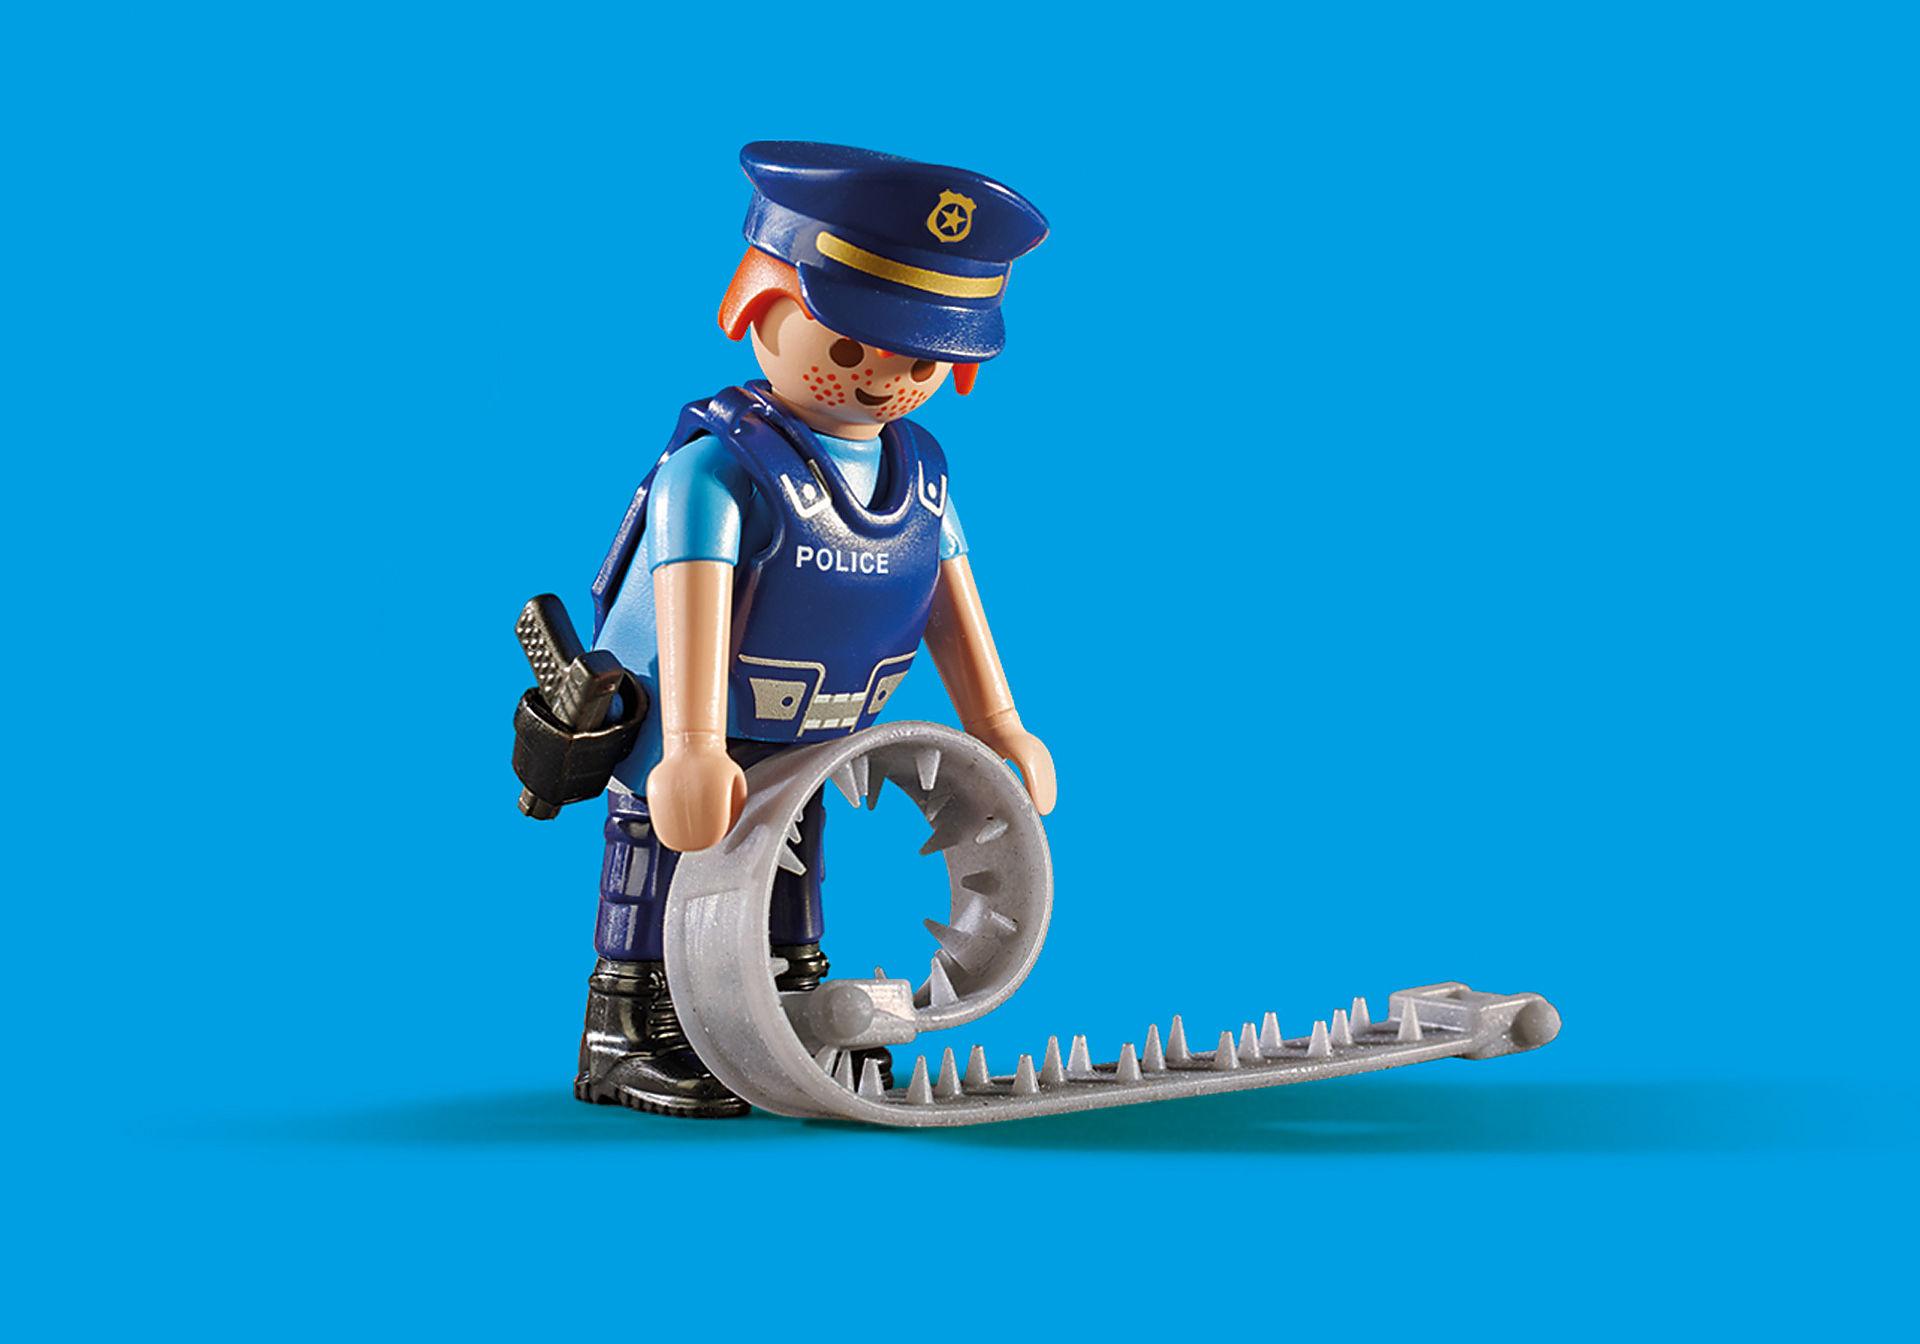 http://media.playmobil.com/i/playmobil/6924_product_extra1/Barrage de police